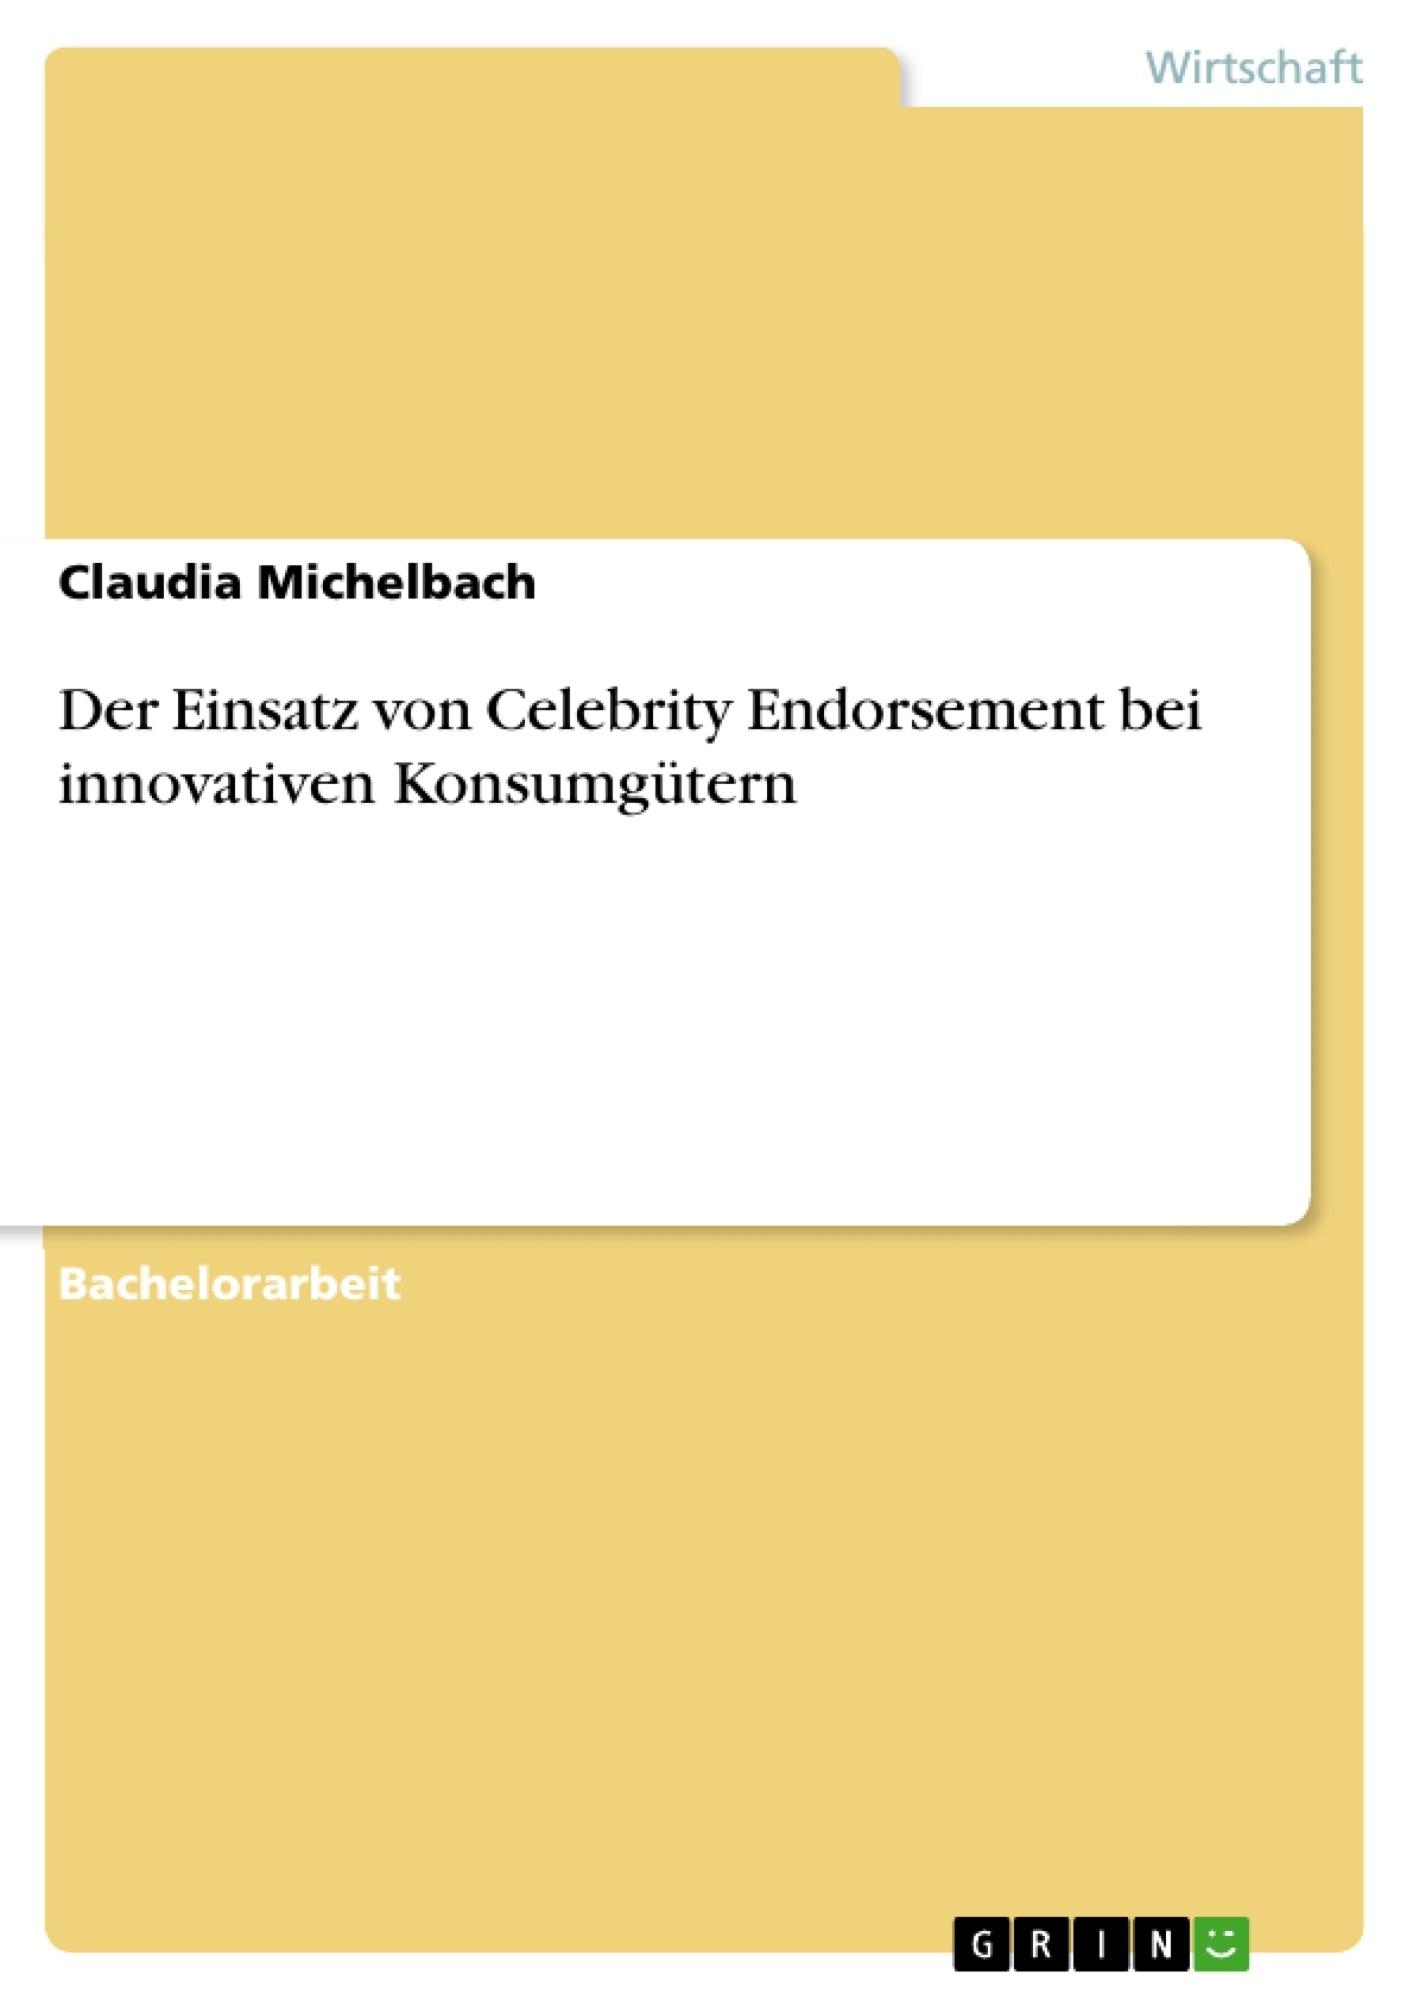 Titel: Der Einsatz von Celebrity Endorsement bei innovativen Konsumgütern